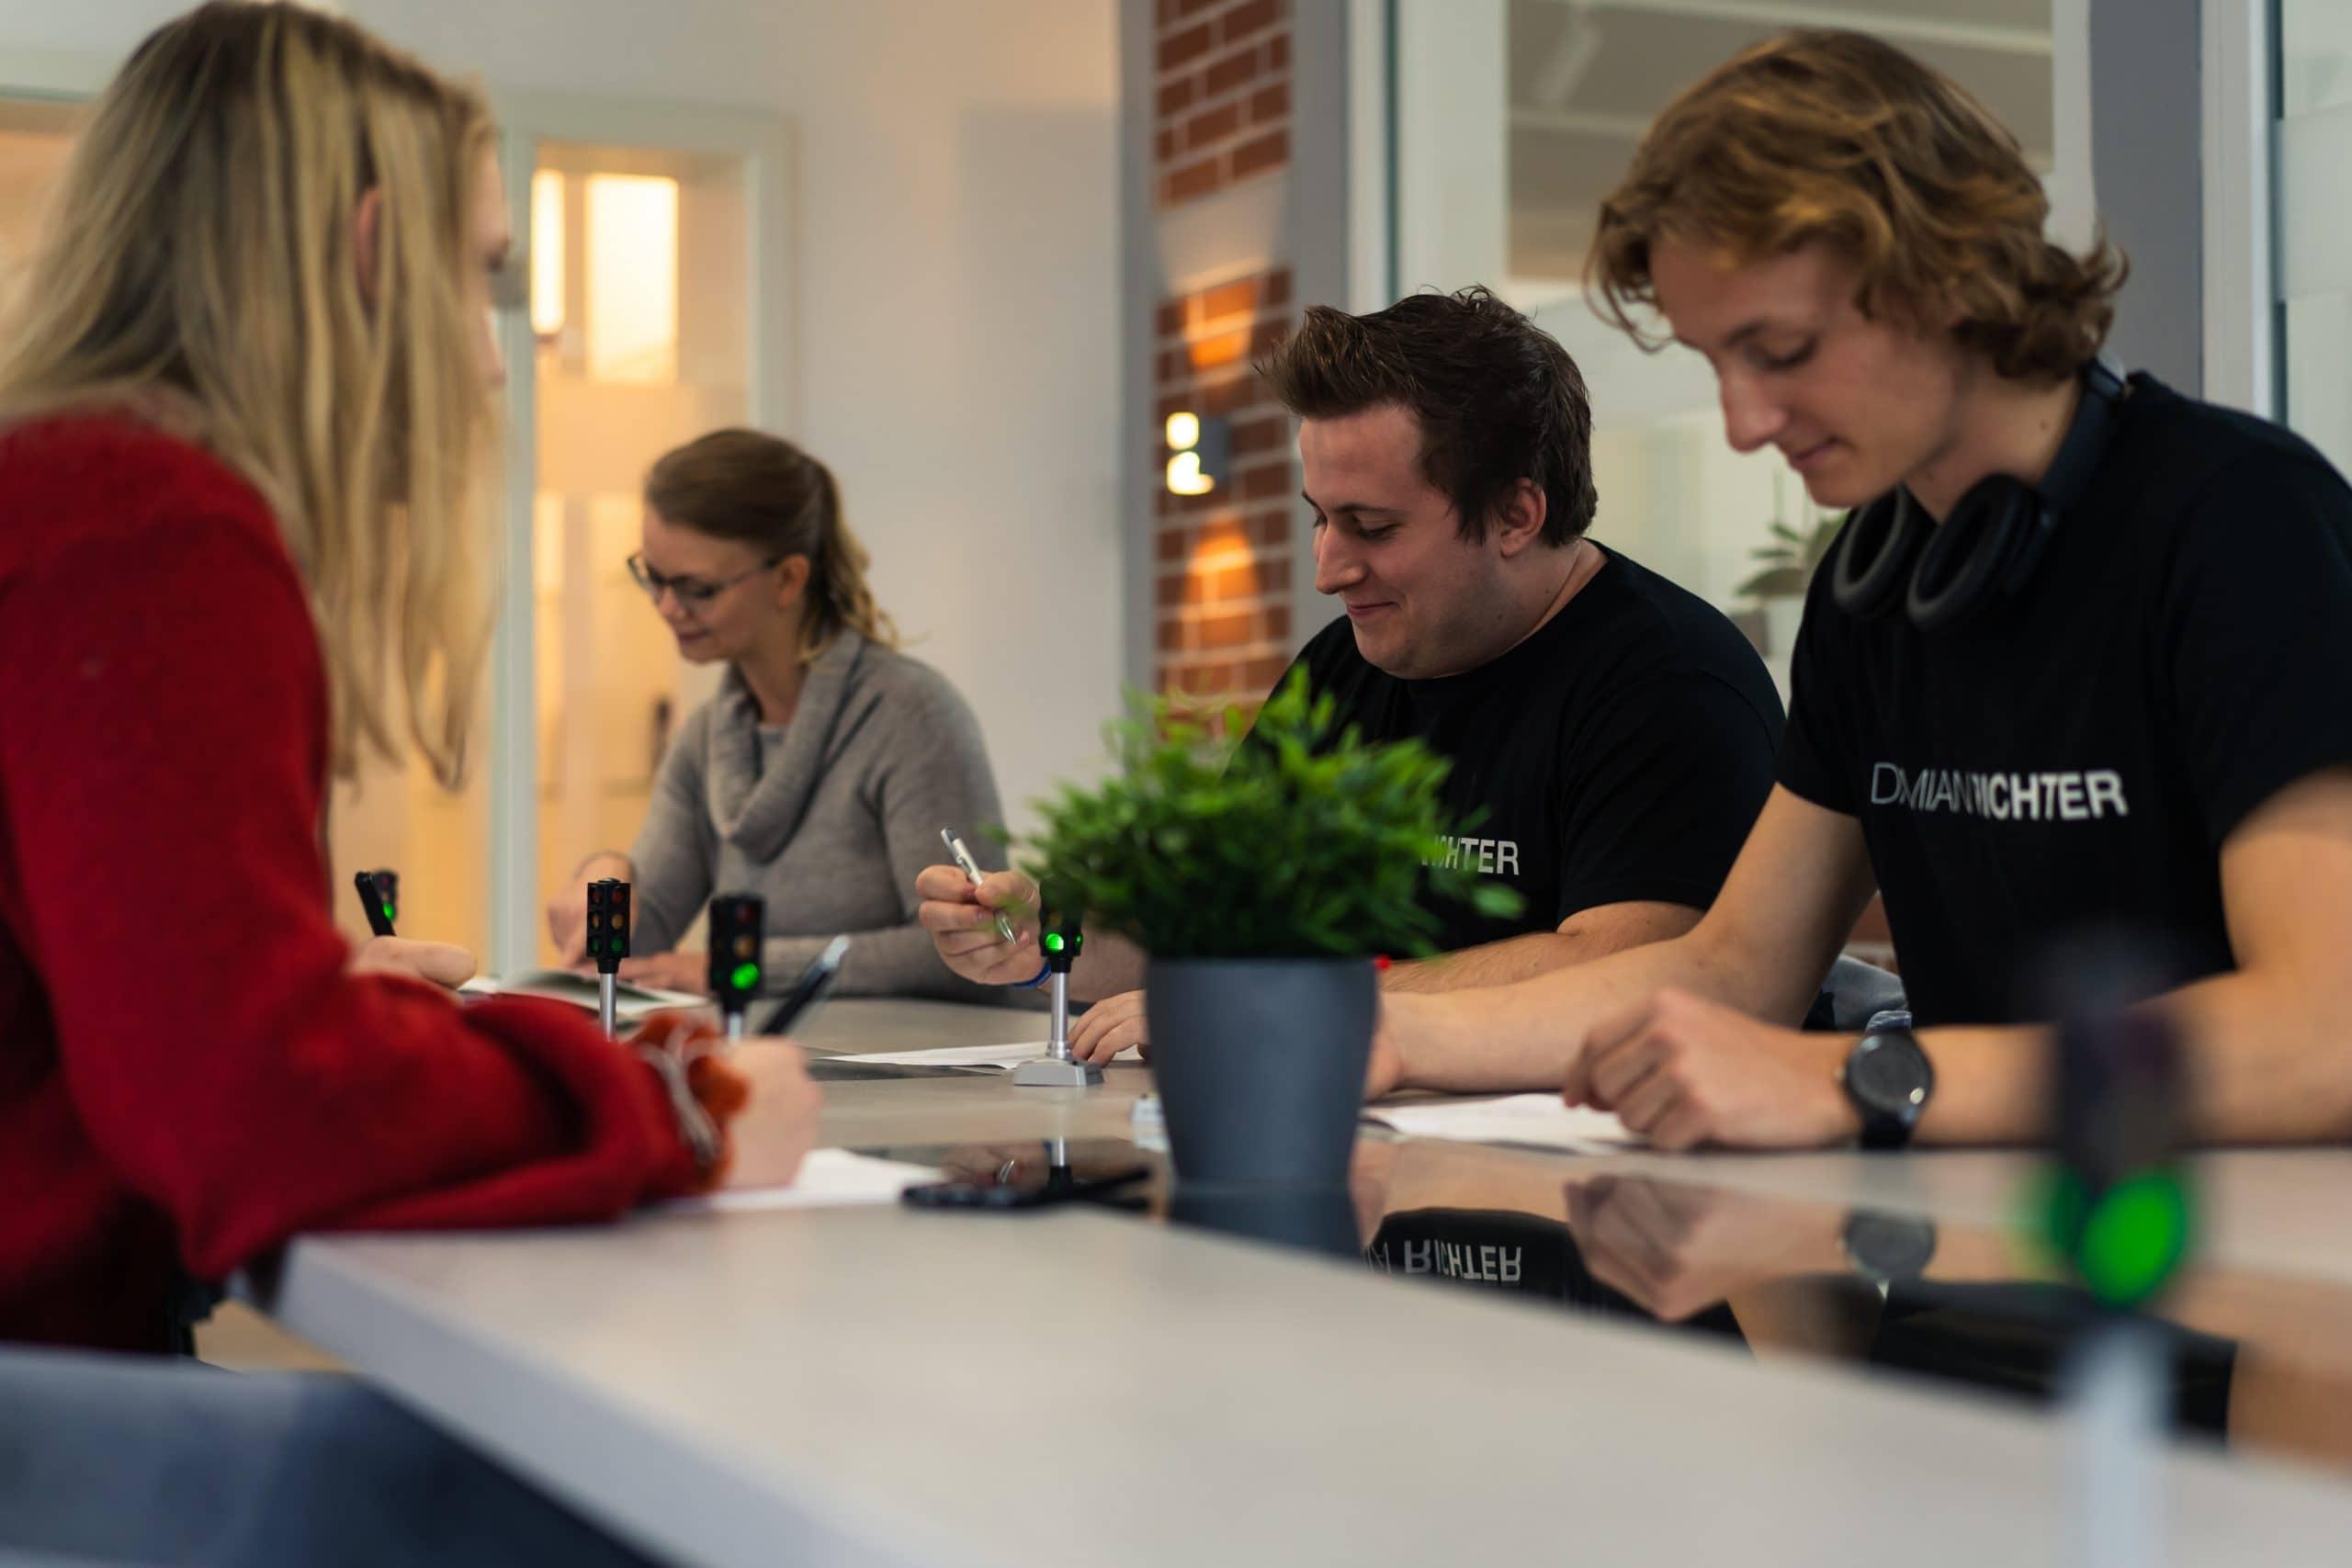 Zufriedene Mitarbeiter sind produktiver: Mitarbeiter glücklicher machen dank Gefühlsampel von Damian Richter